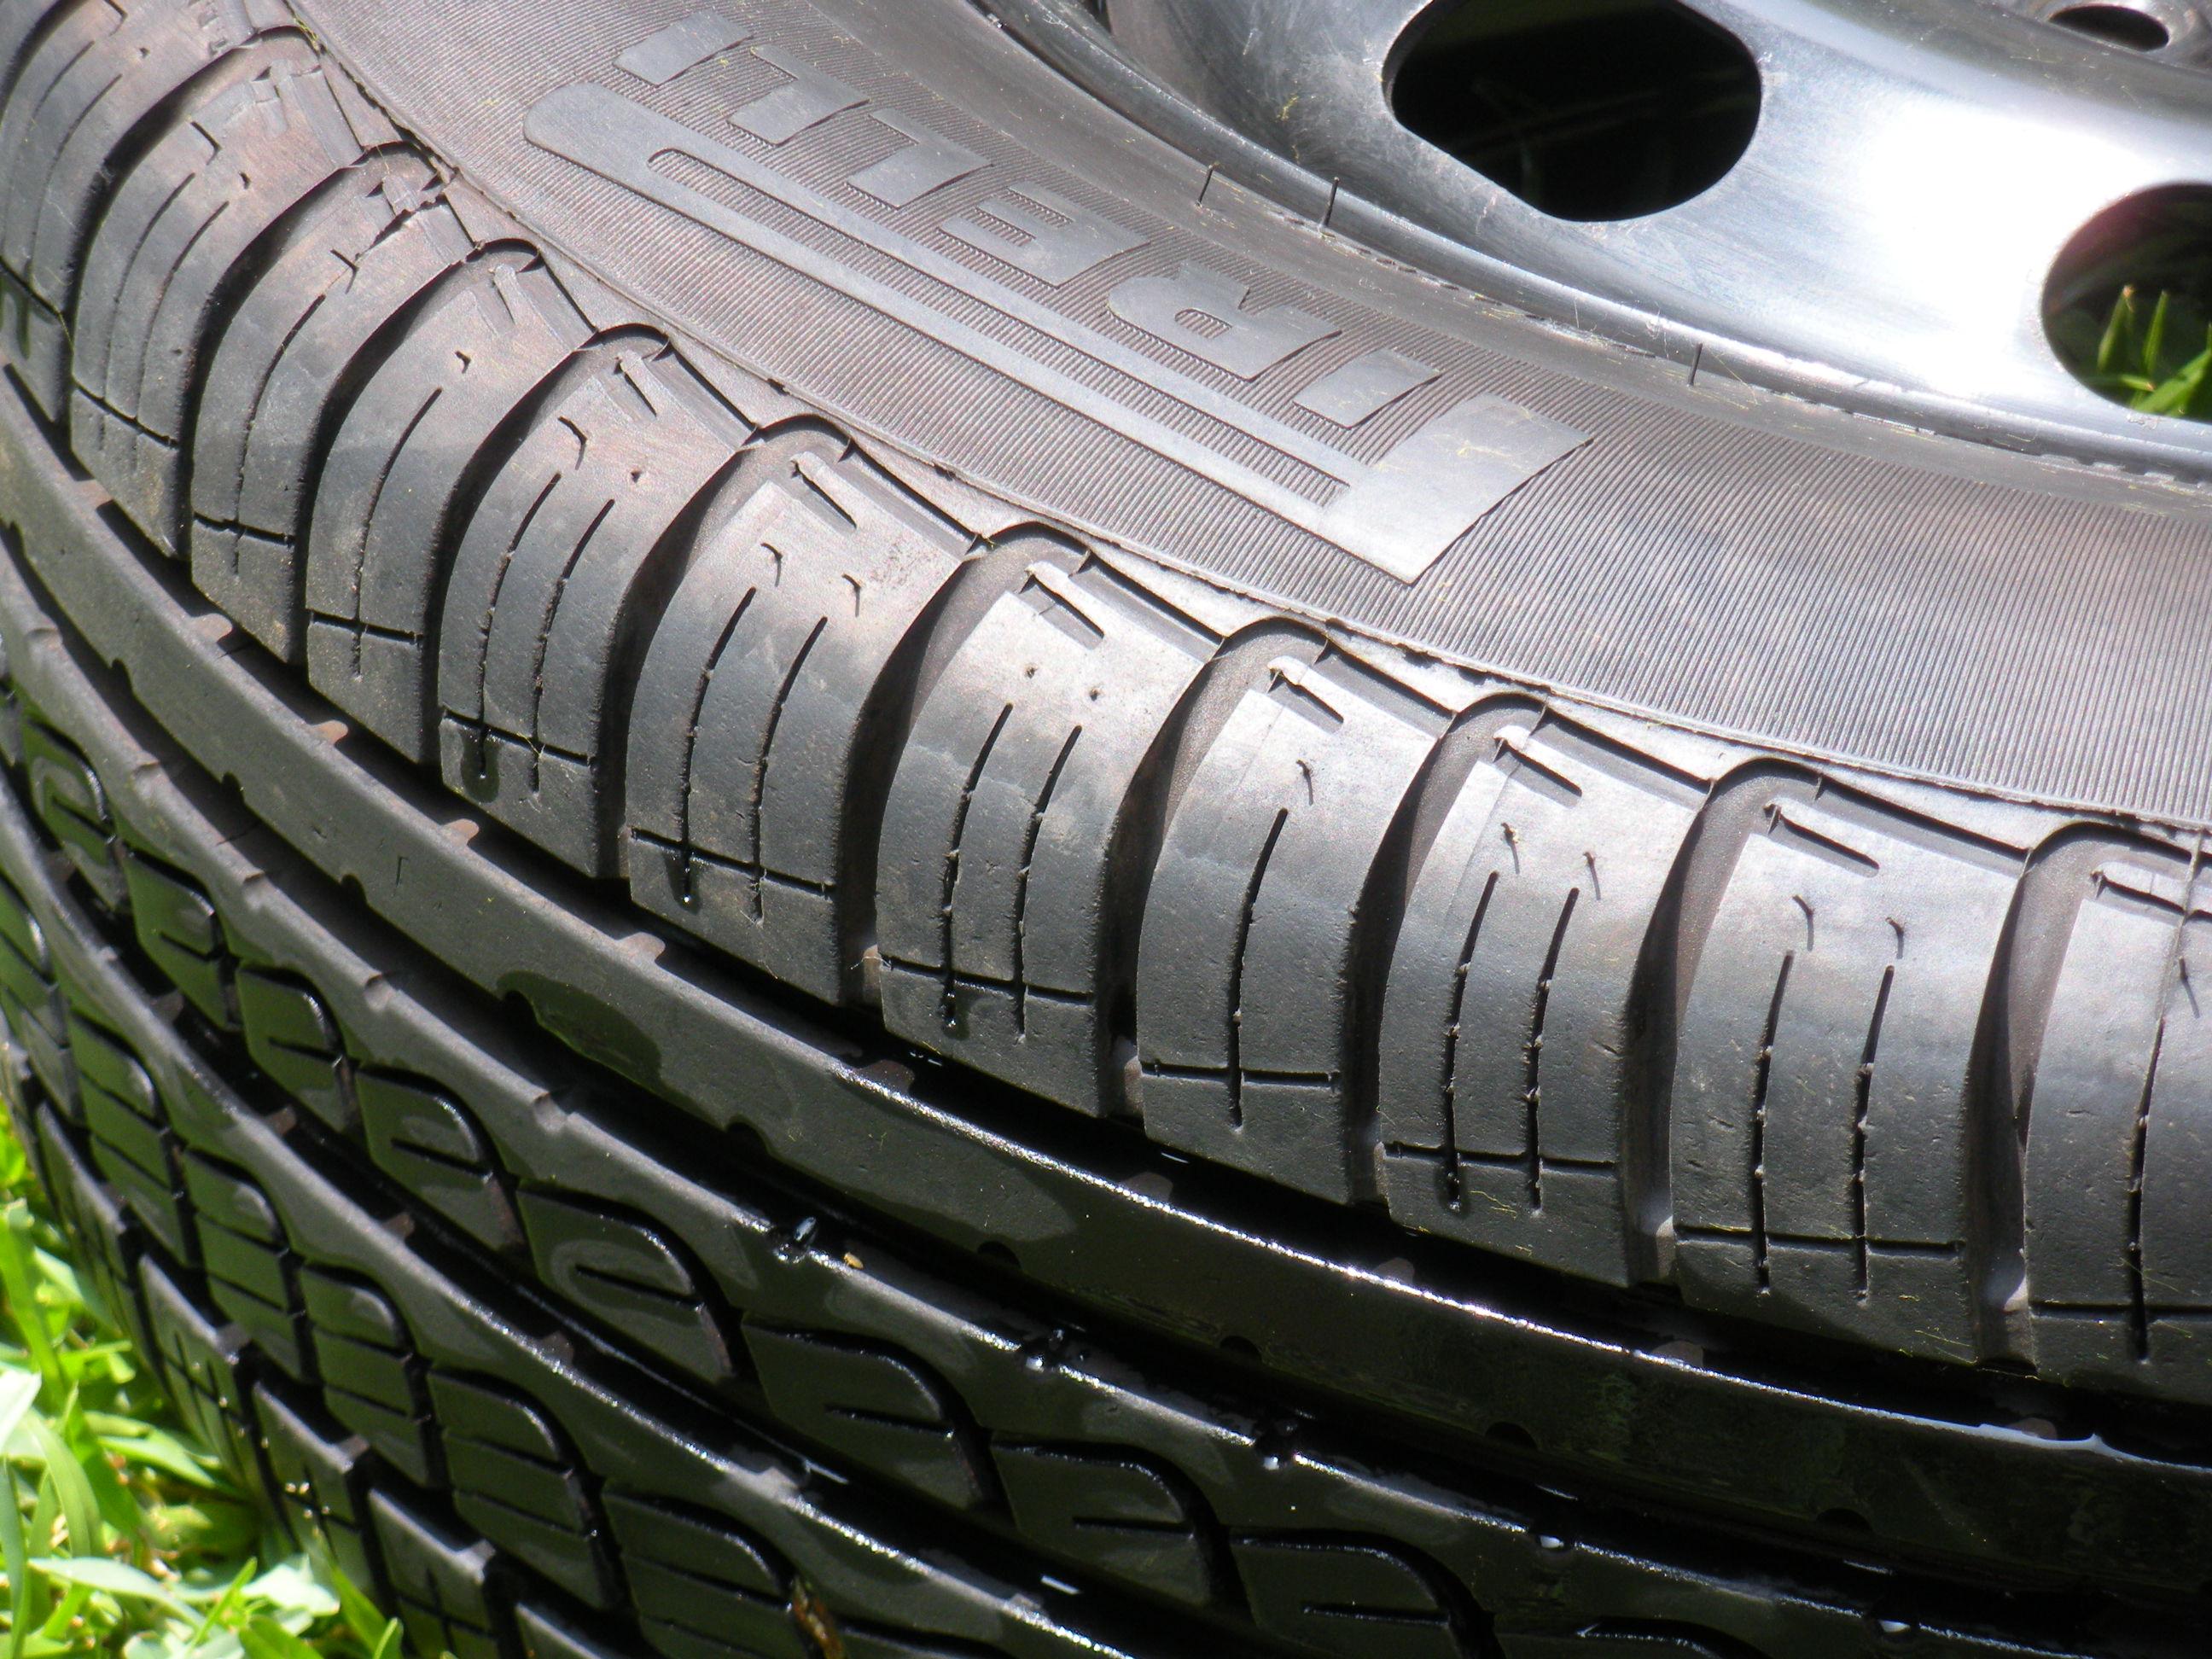 Son mejores las ruedas anchas o las ruedas angostas?